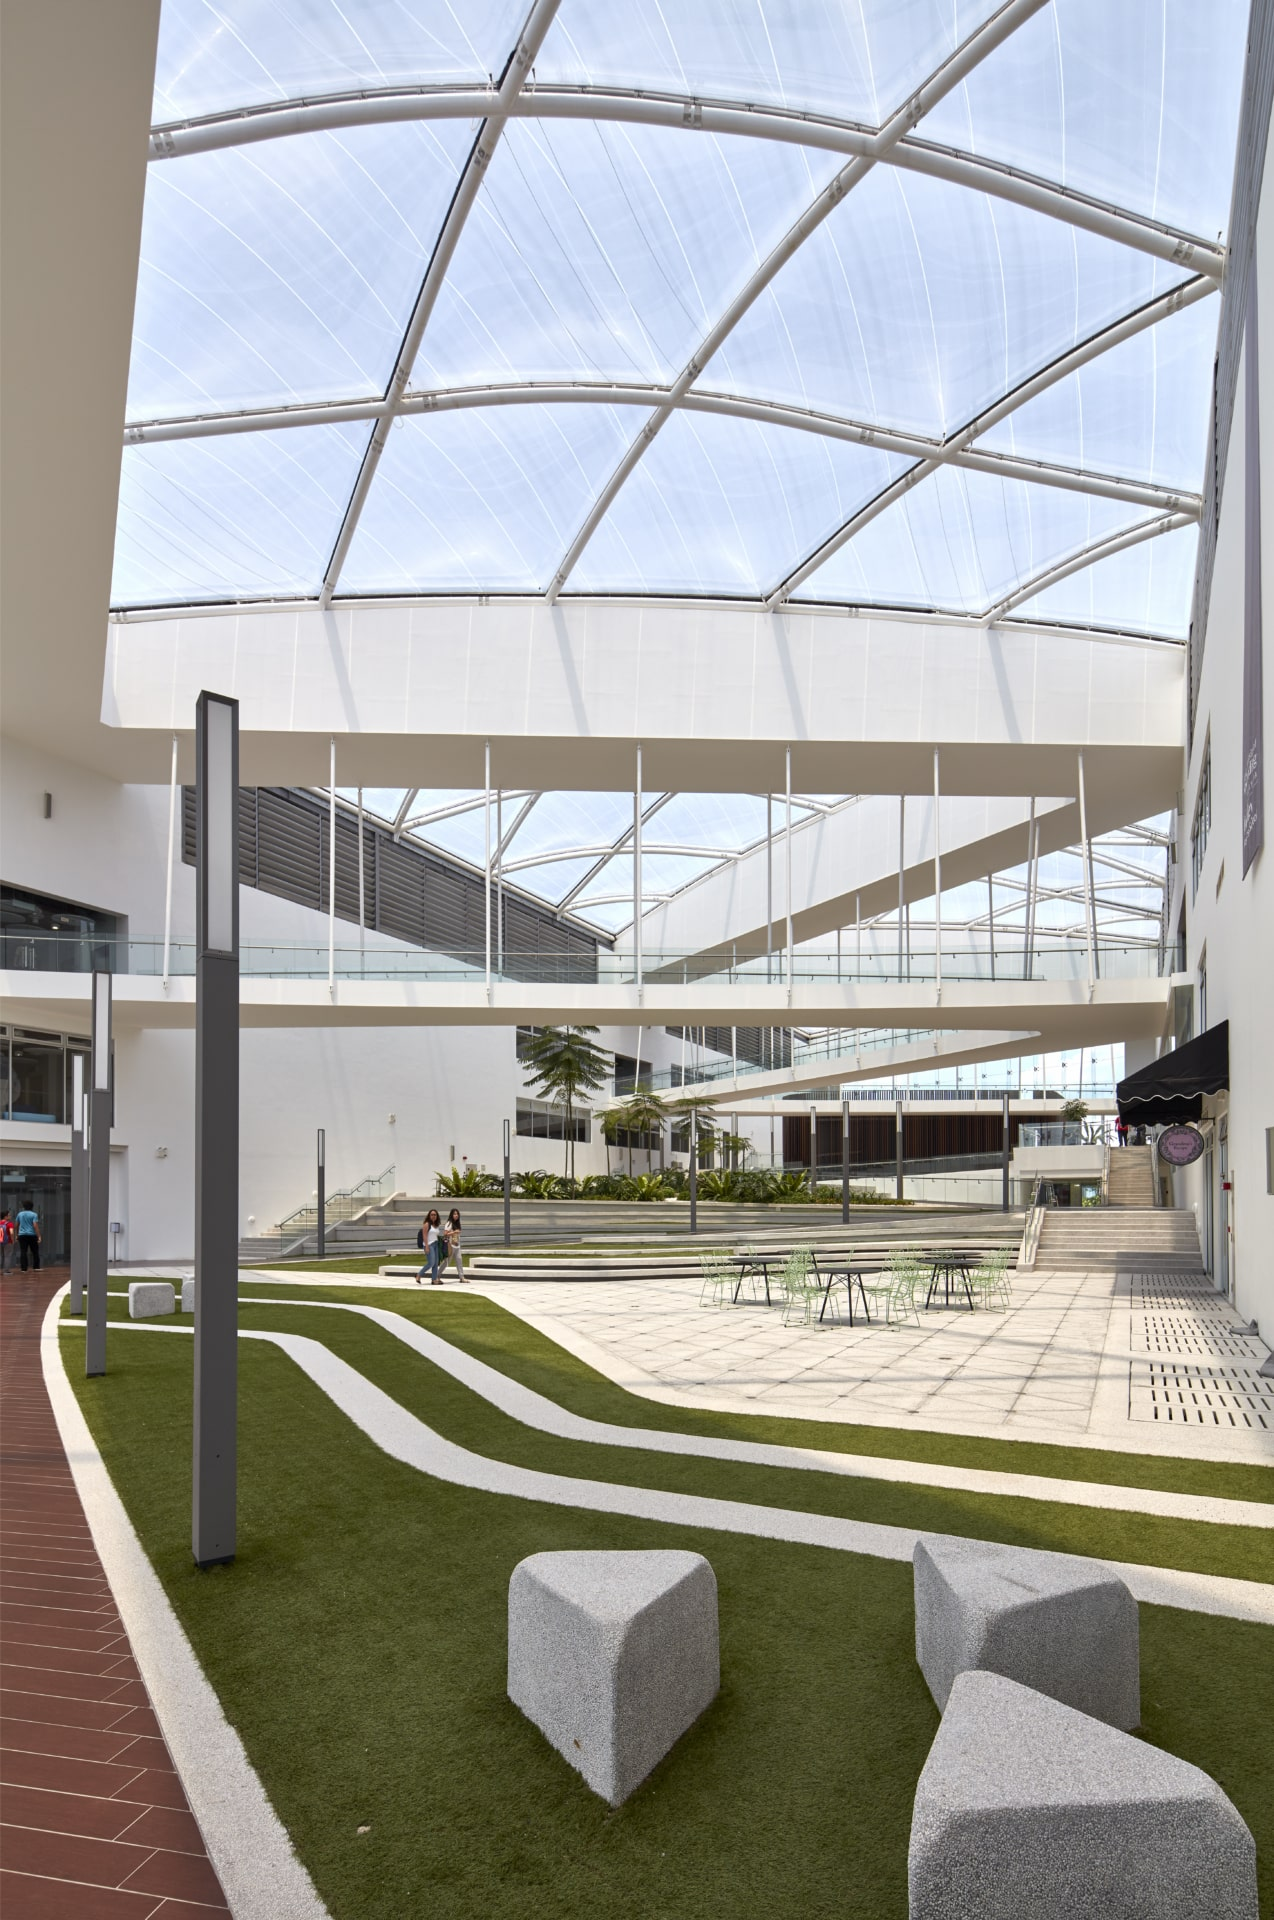 Vector Foiltec entwarf, fertigte und installierte über 2.500 m² Texlon® ETFE für das zentrale Atrium der Universität in Malaysia.